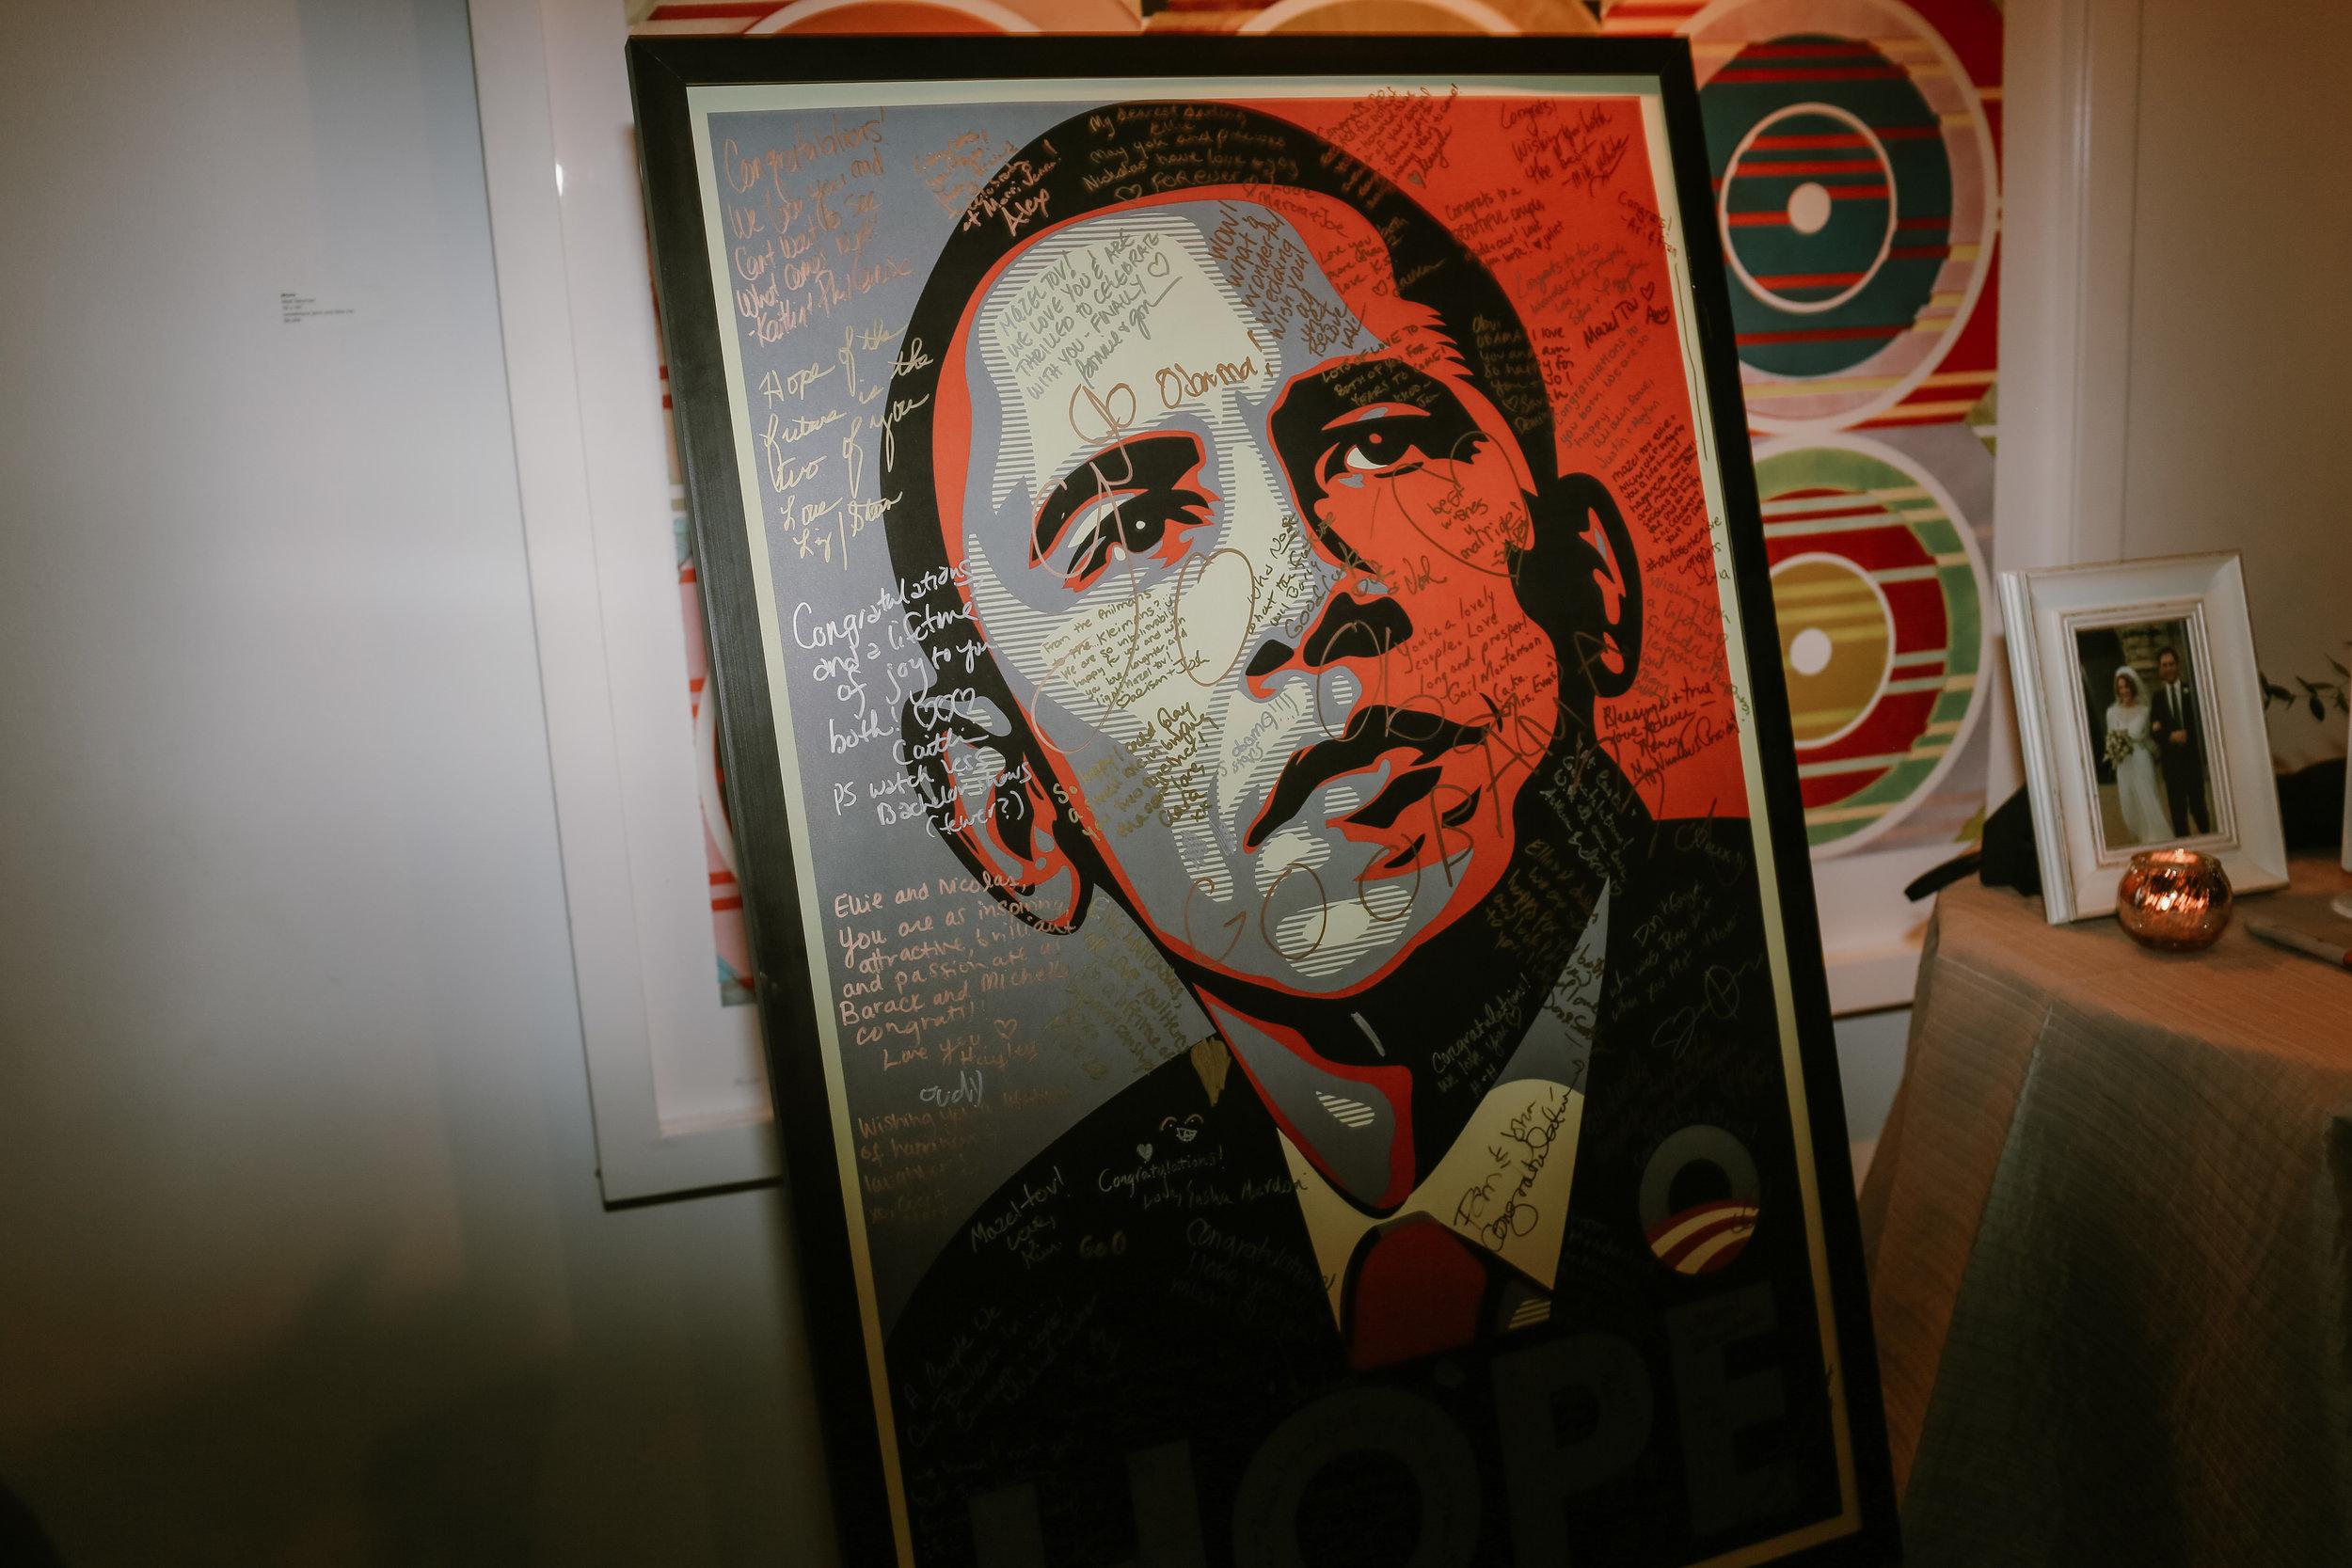 Obama guest book